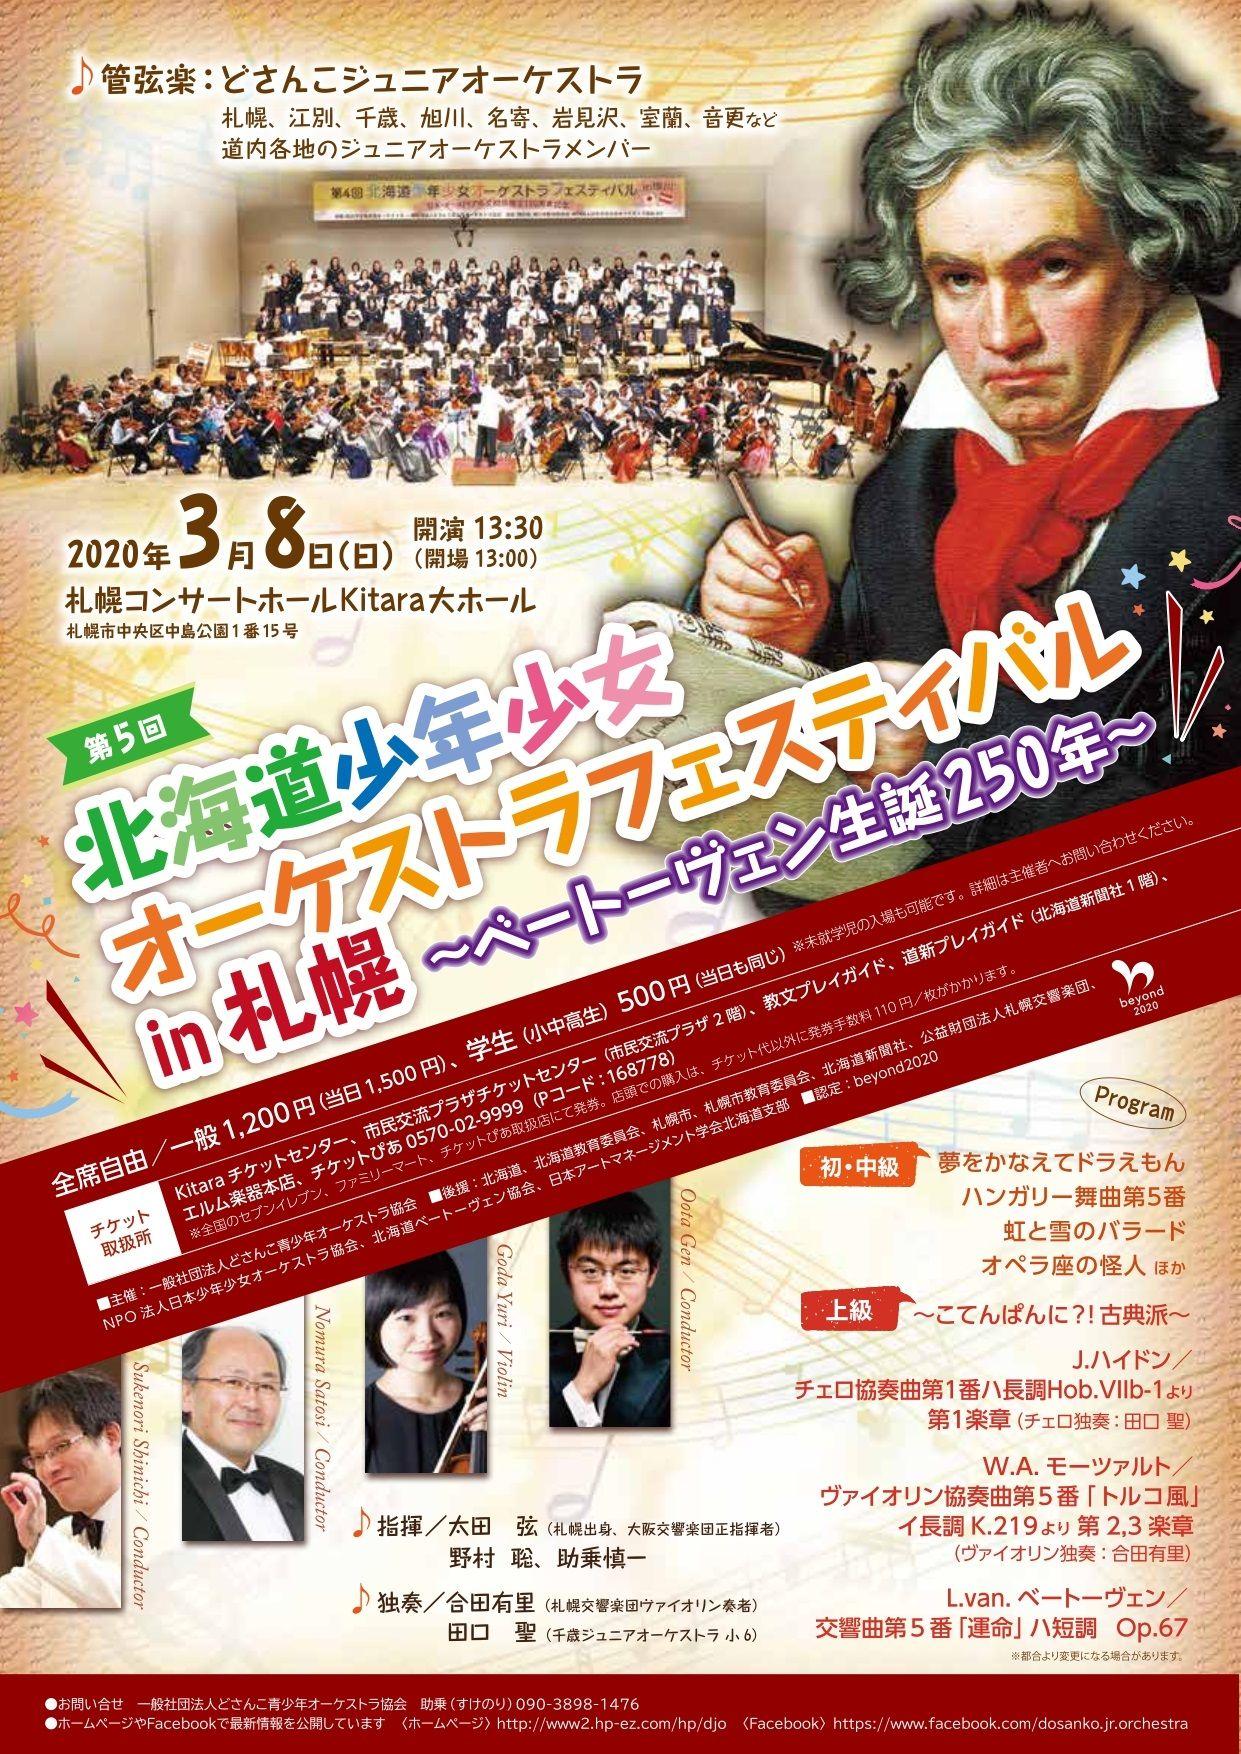 第5回北海道少年少女オーケストラフェスティバルin札幌 ~ベートーヴェン生誕250年記念~ イメージ画像